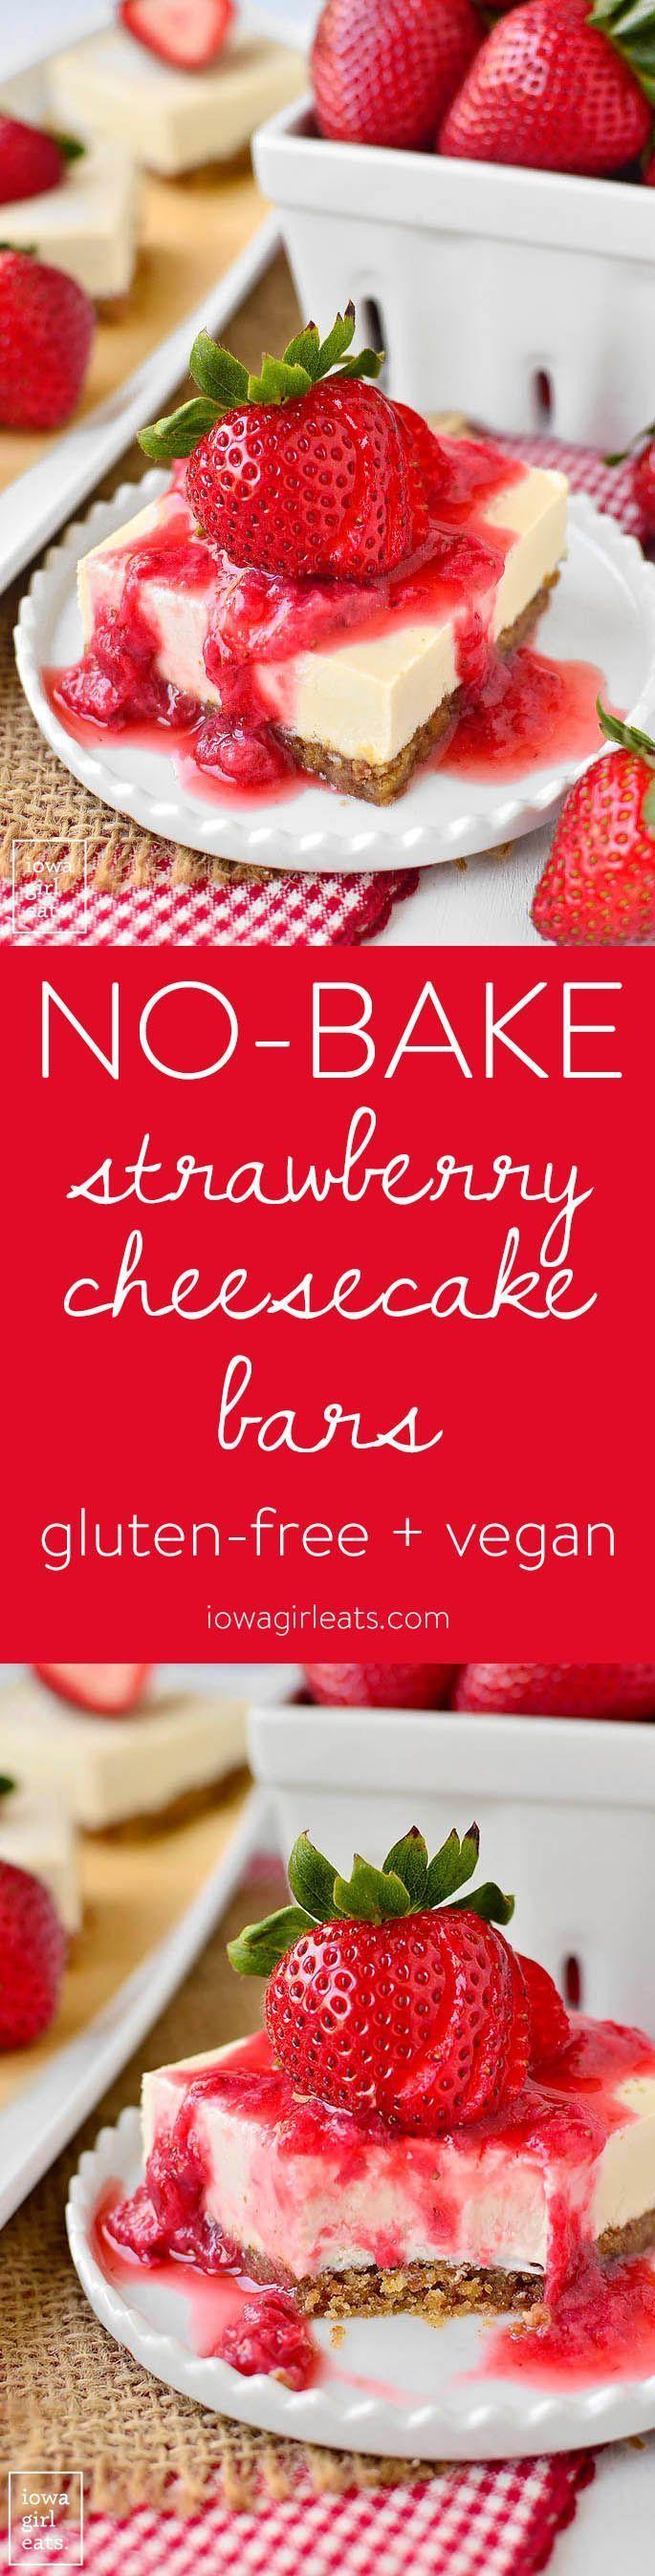 No-Bake Strawberry Cheesecake Bars- No-Bake Strawberry Cheesecake Bars  No-Bake Strawberry Cheesecake Bars (GF + Vegan)  -#coffeetypesillustration #coffeetypespeople #coffeetypesphotography #coffeetypesprintable #coffeetypesstarbucks #veganermaulwurfkuchen